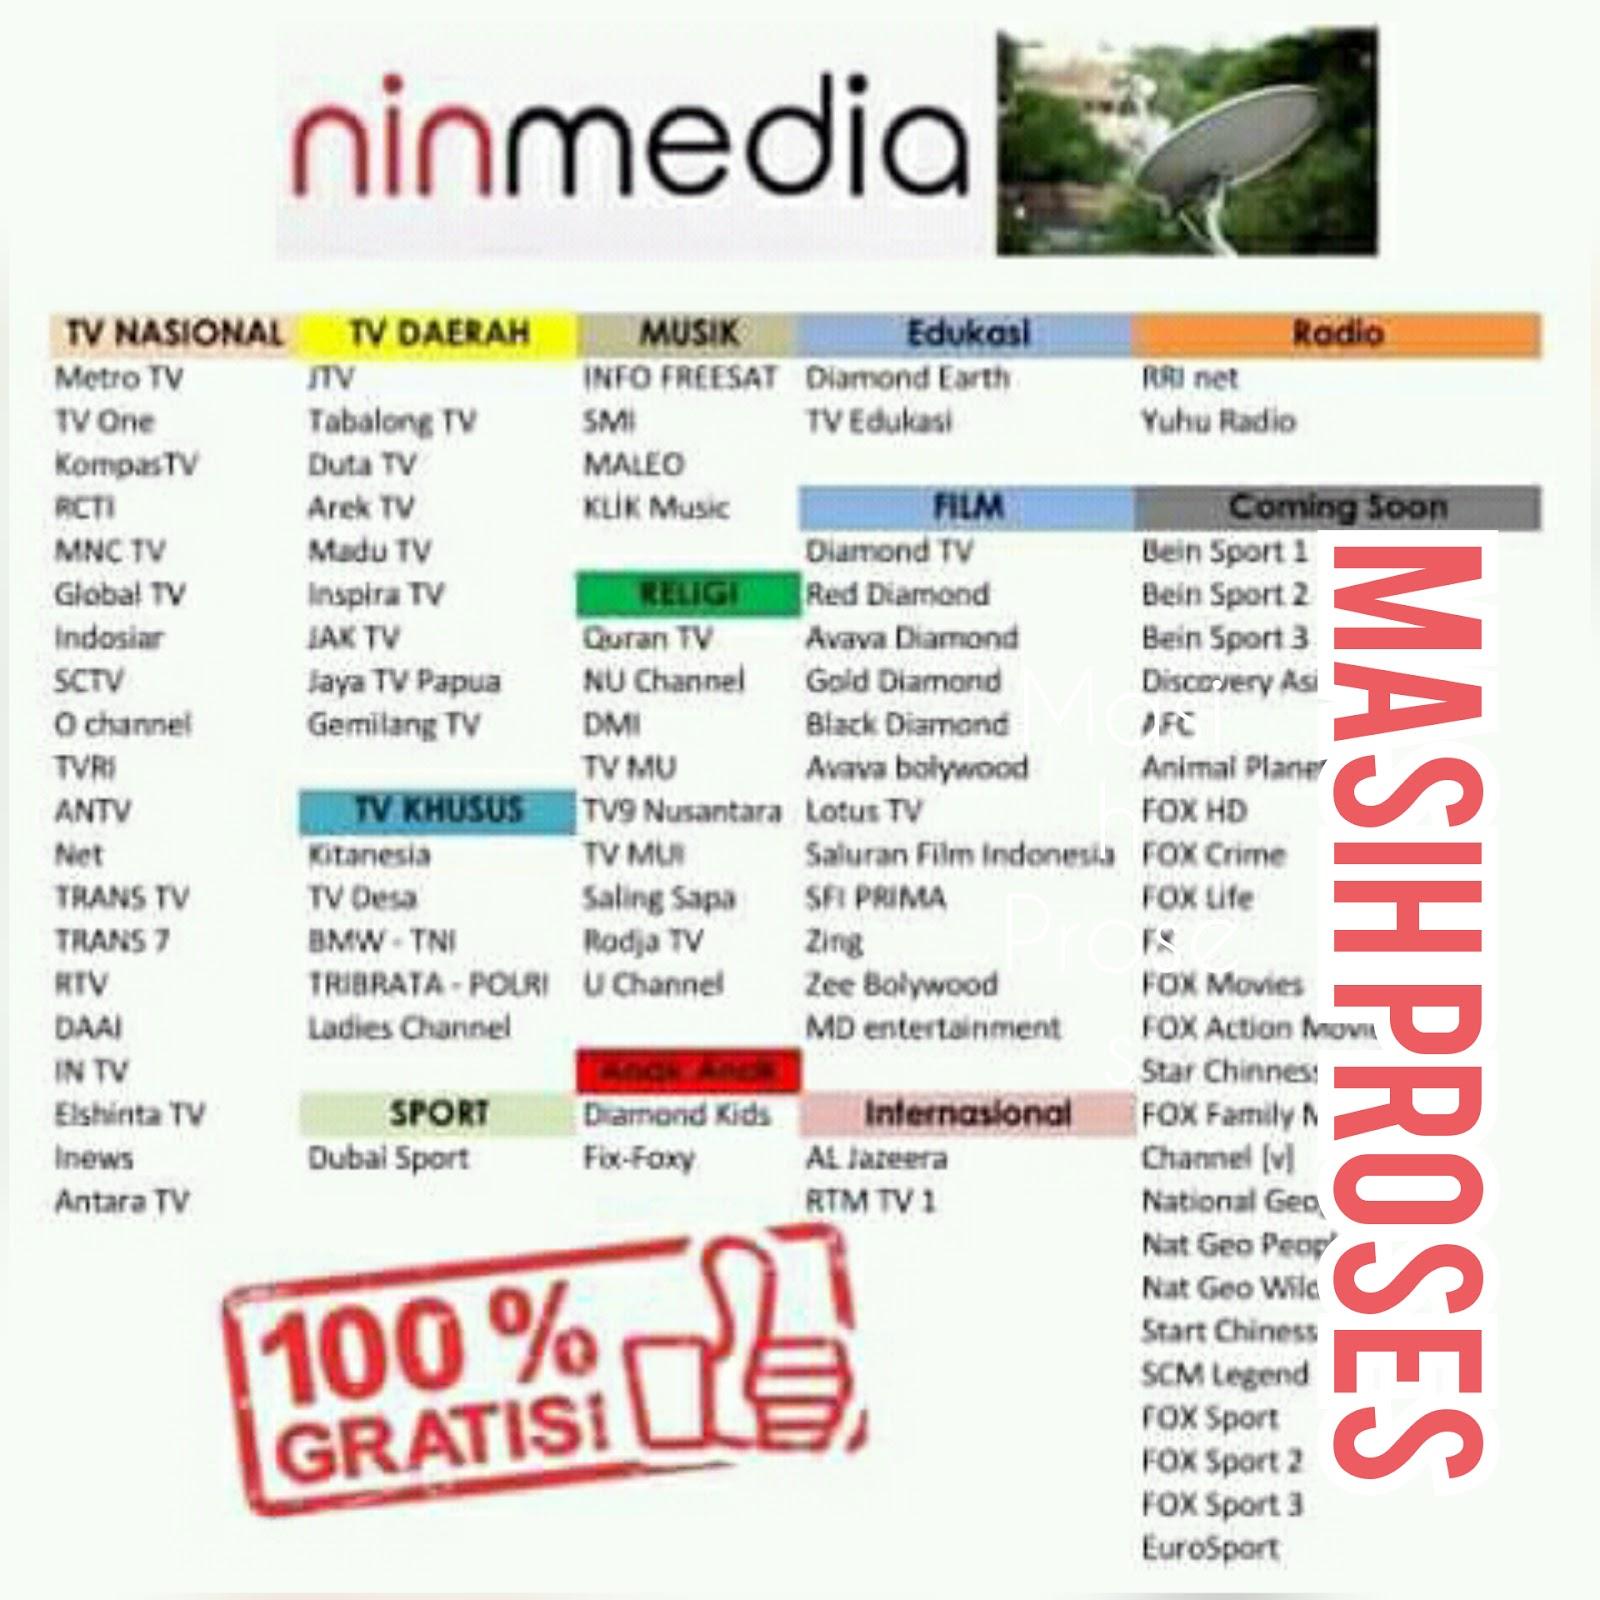 cara menambah chanel ninmedia, channel ninmedia terbaru 2018, transponder ninmedia terbaru, daftar channel ninmedia 2018, frekuensi ninmedia terbaru 2018, transponder ninmedia terbaru 2018, cara menambah channel parabola ninmedia, transponder ninmedia 2018